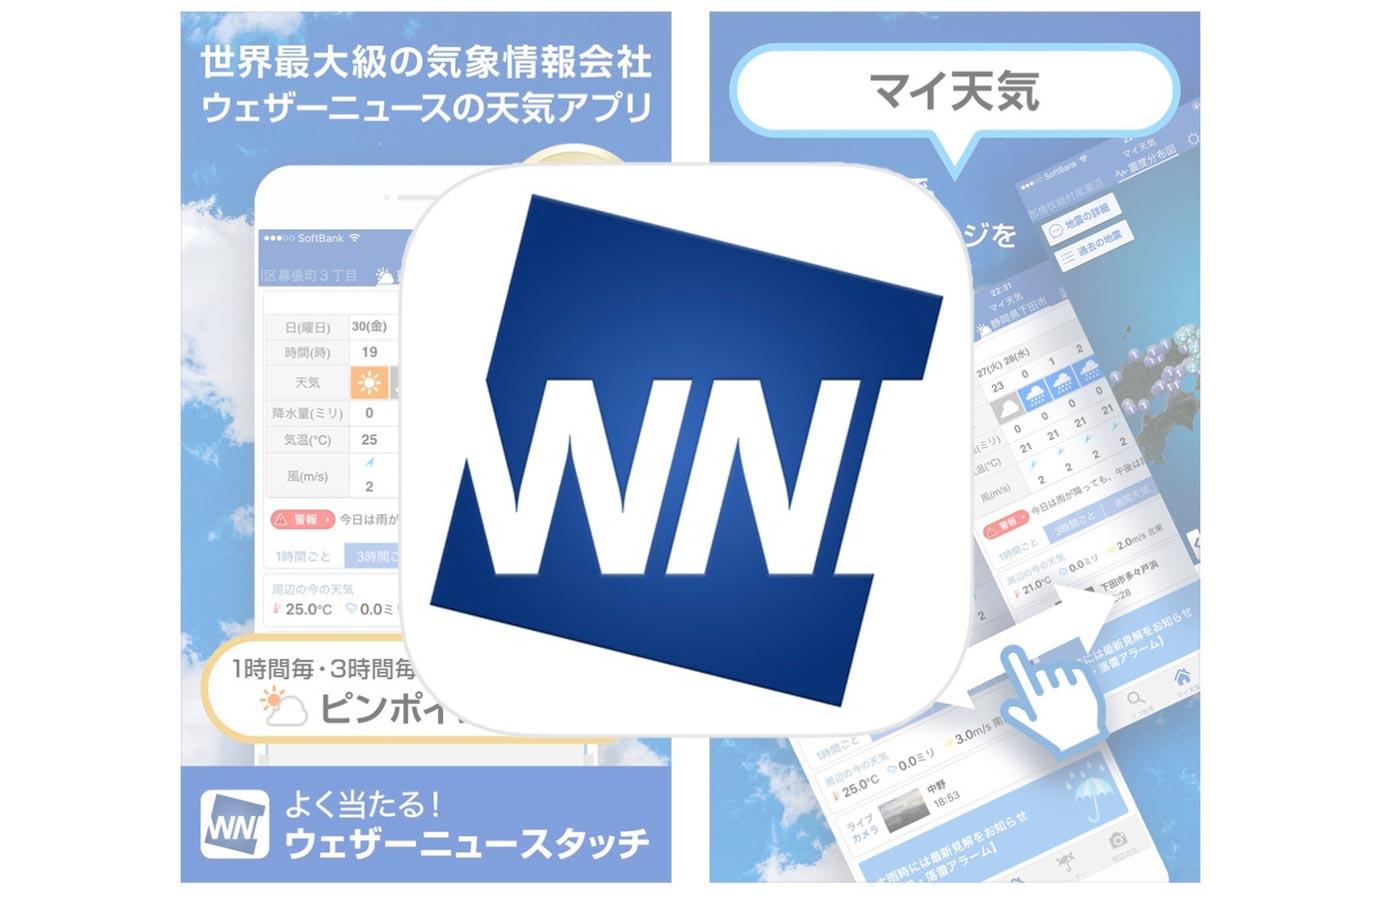 Wezernews